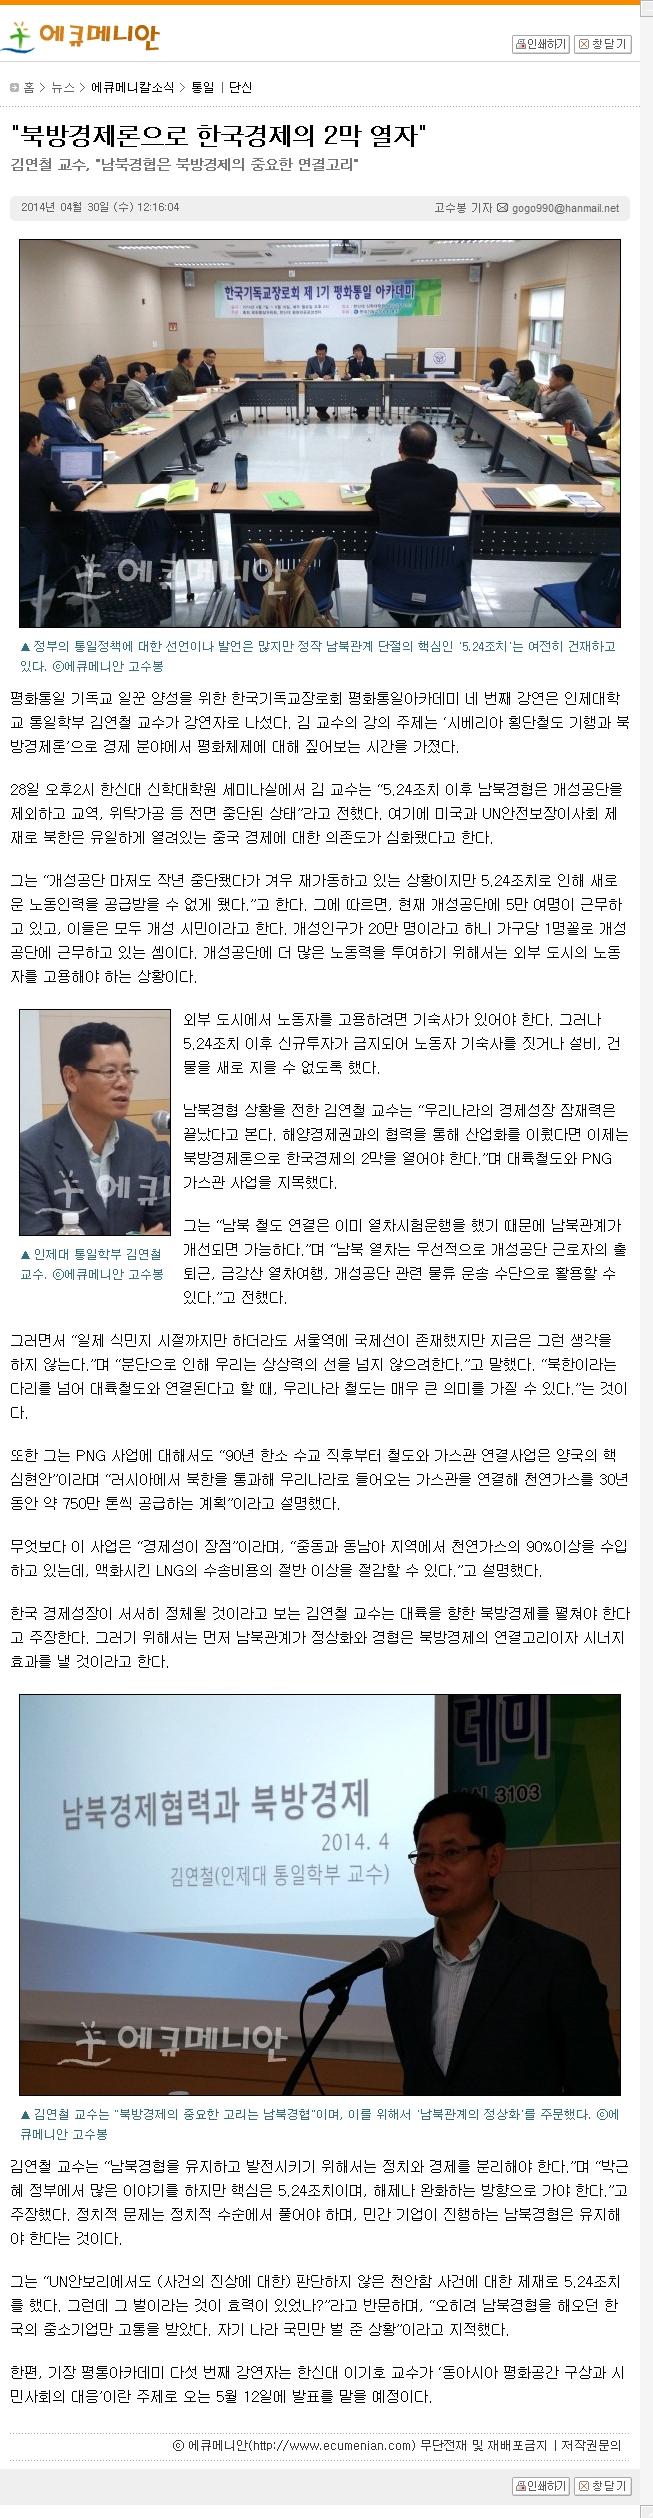 김연철 교수.jpg